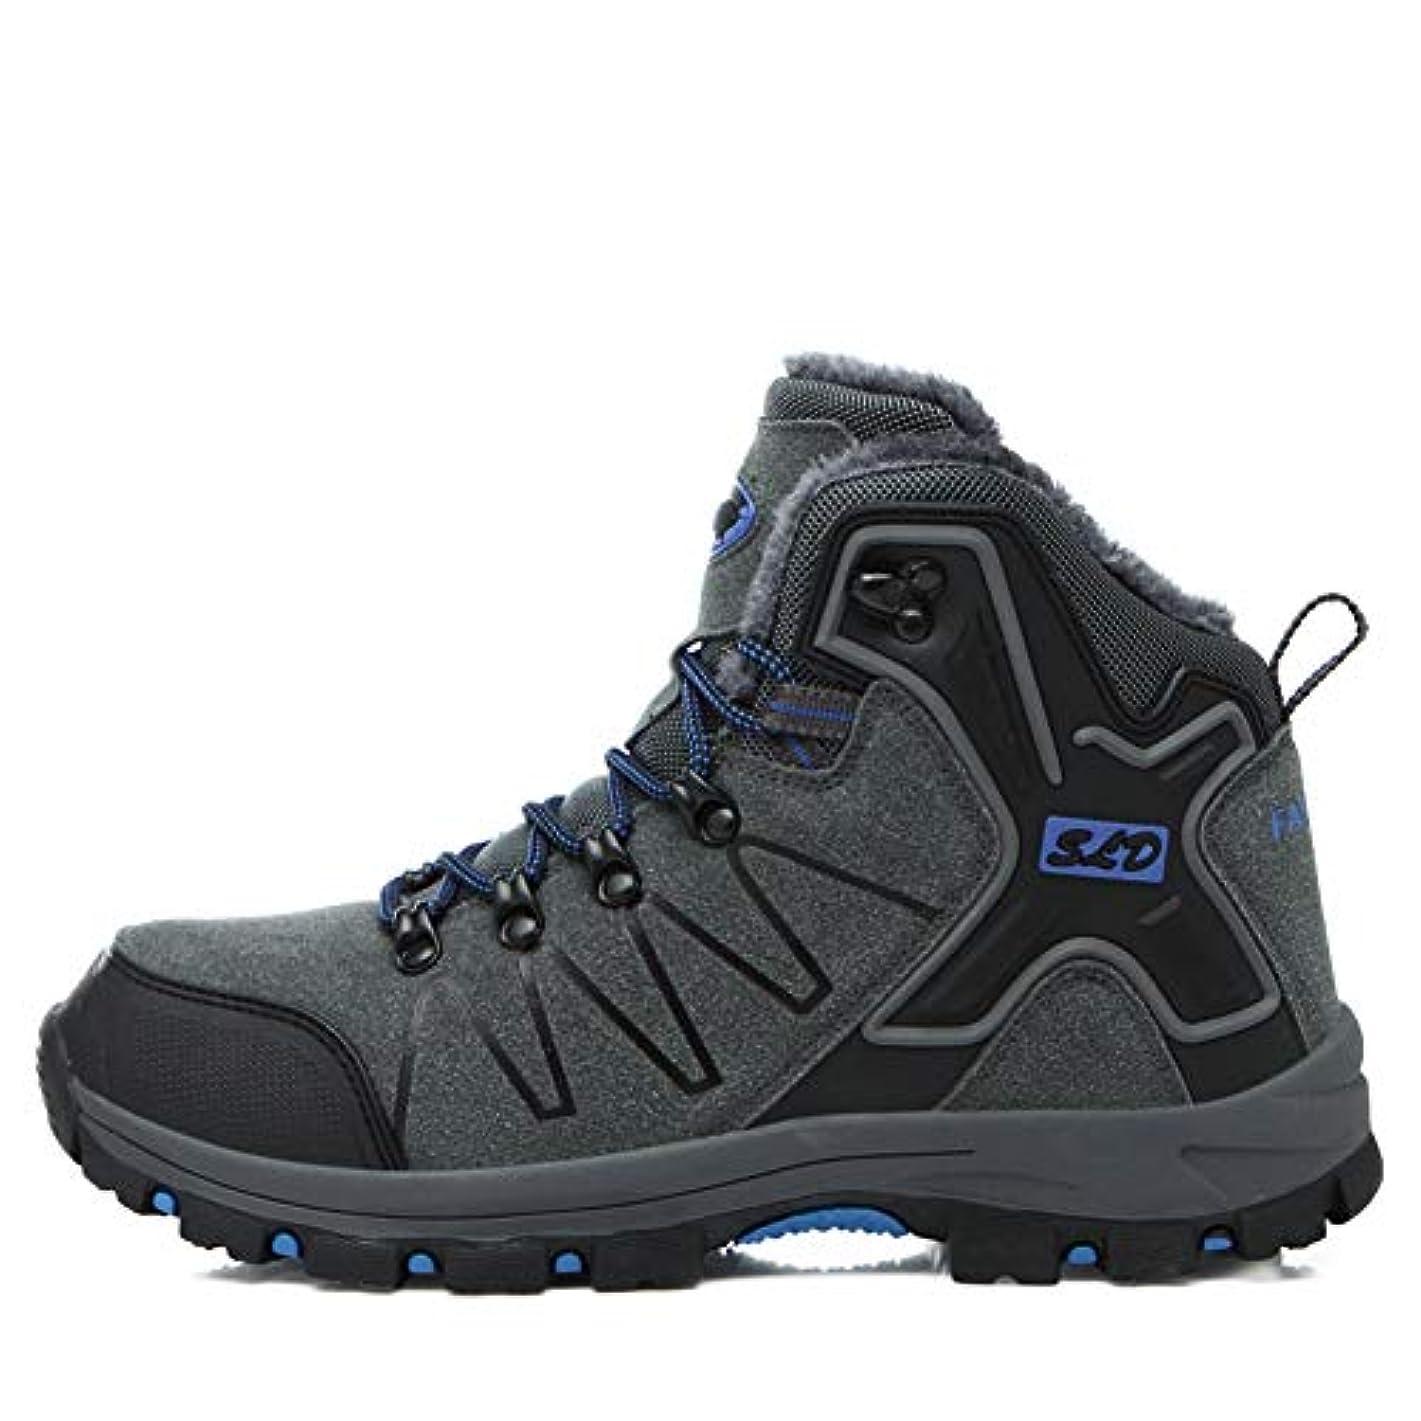 スパン許す入学する[TcIFE] トレッキングシューズ メンズ 防水 防滑 ハイカット 登山靴 大きいサイズ ハイキングシューズ メンズ 耐磨耗 ハイキングシューズ メンズ 通気性 スニーカー